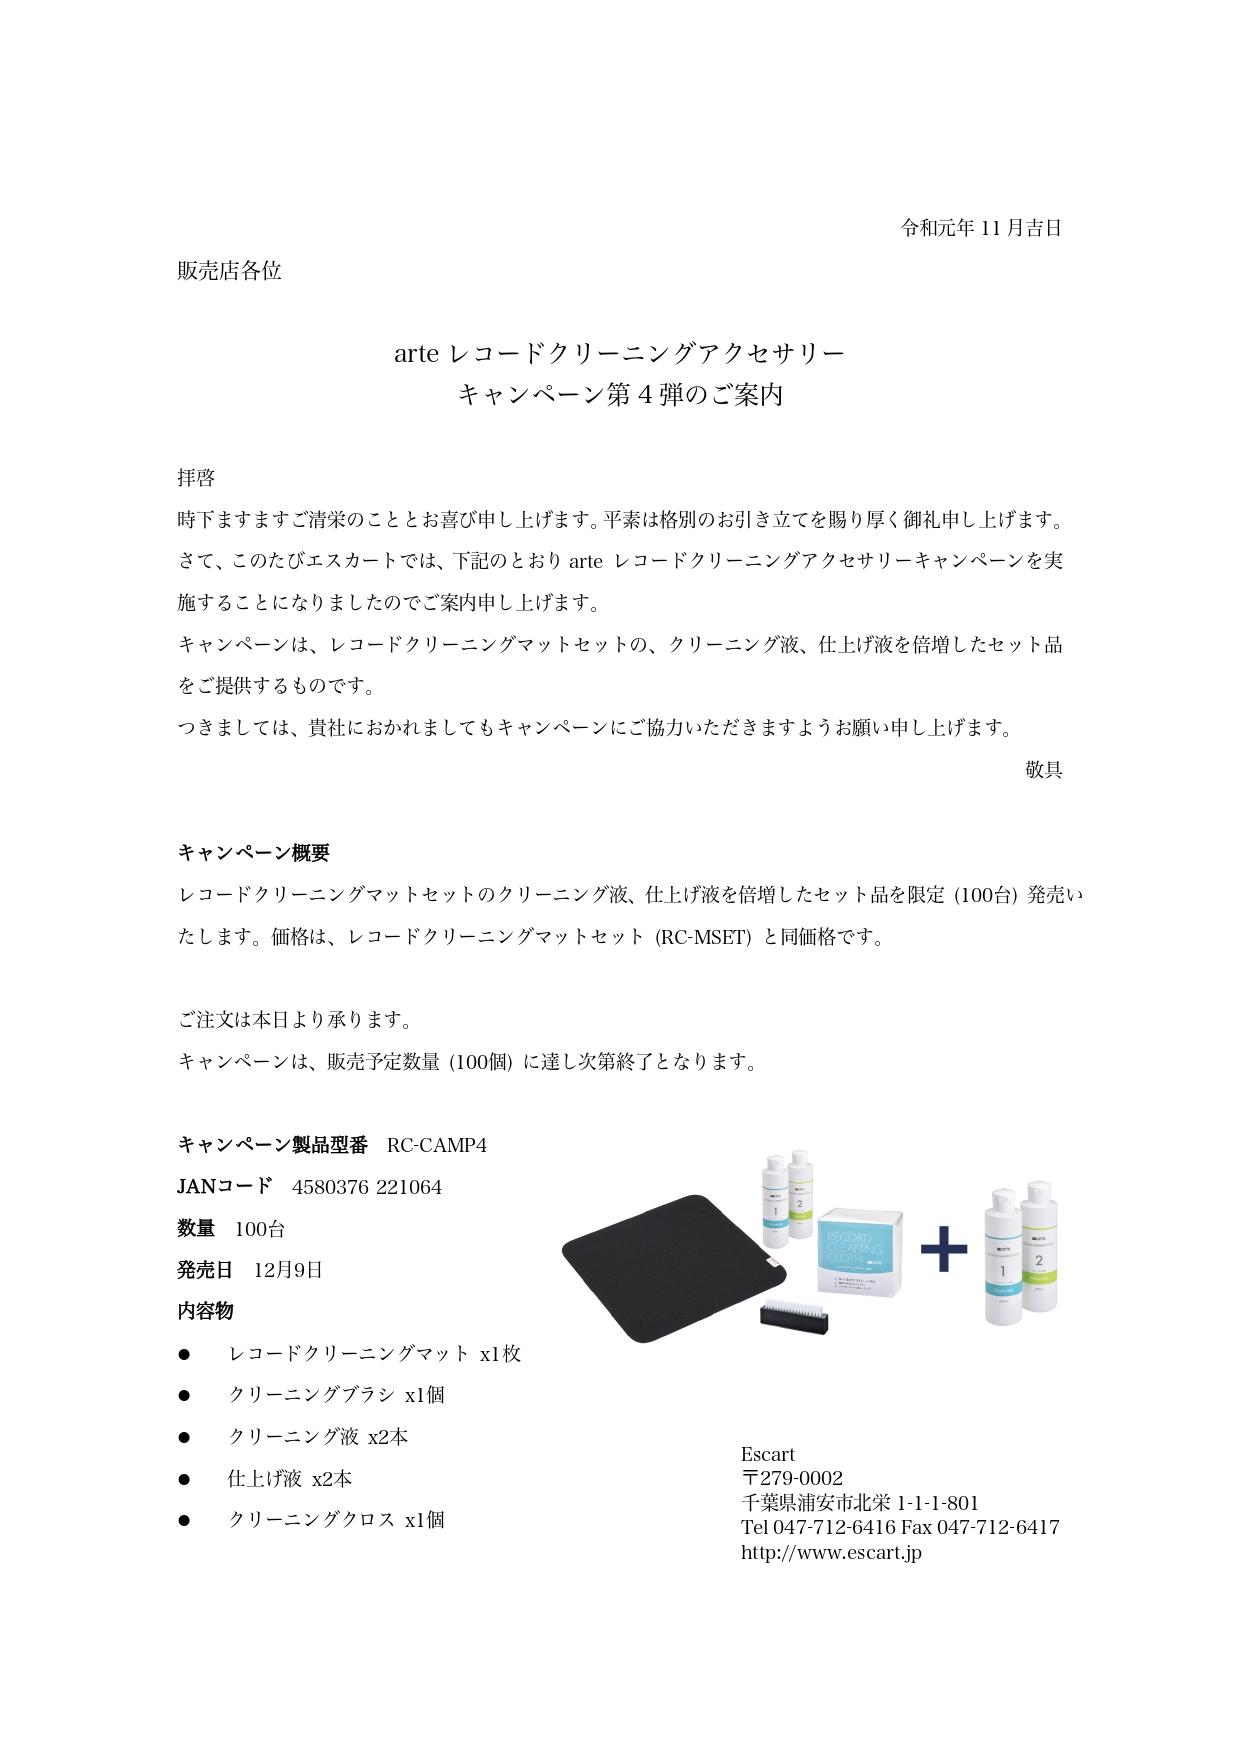 arteレコードクリーニングアクセサリーキャンペーン第4弾のご案内_page-0001